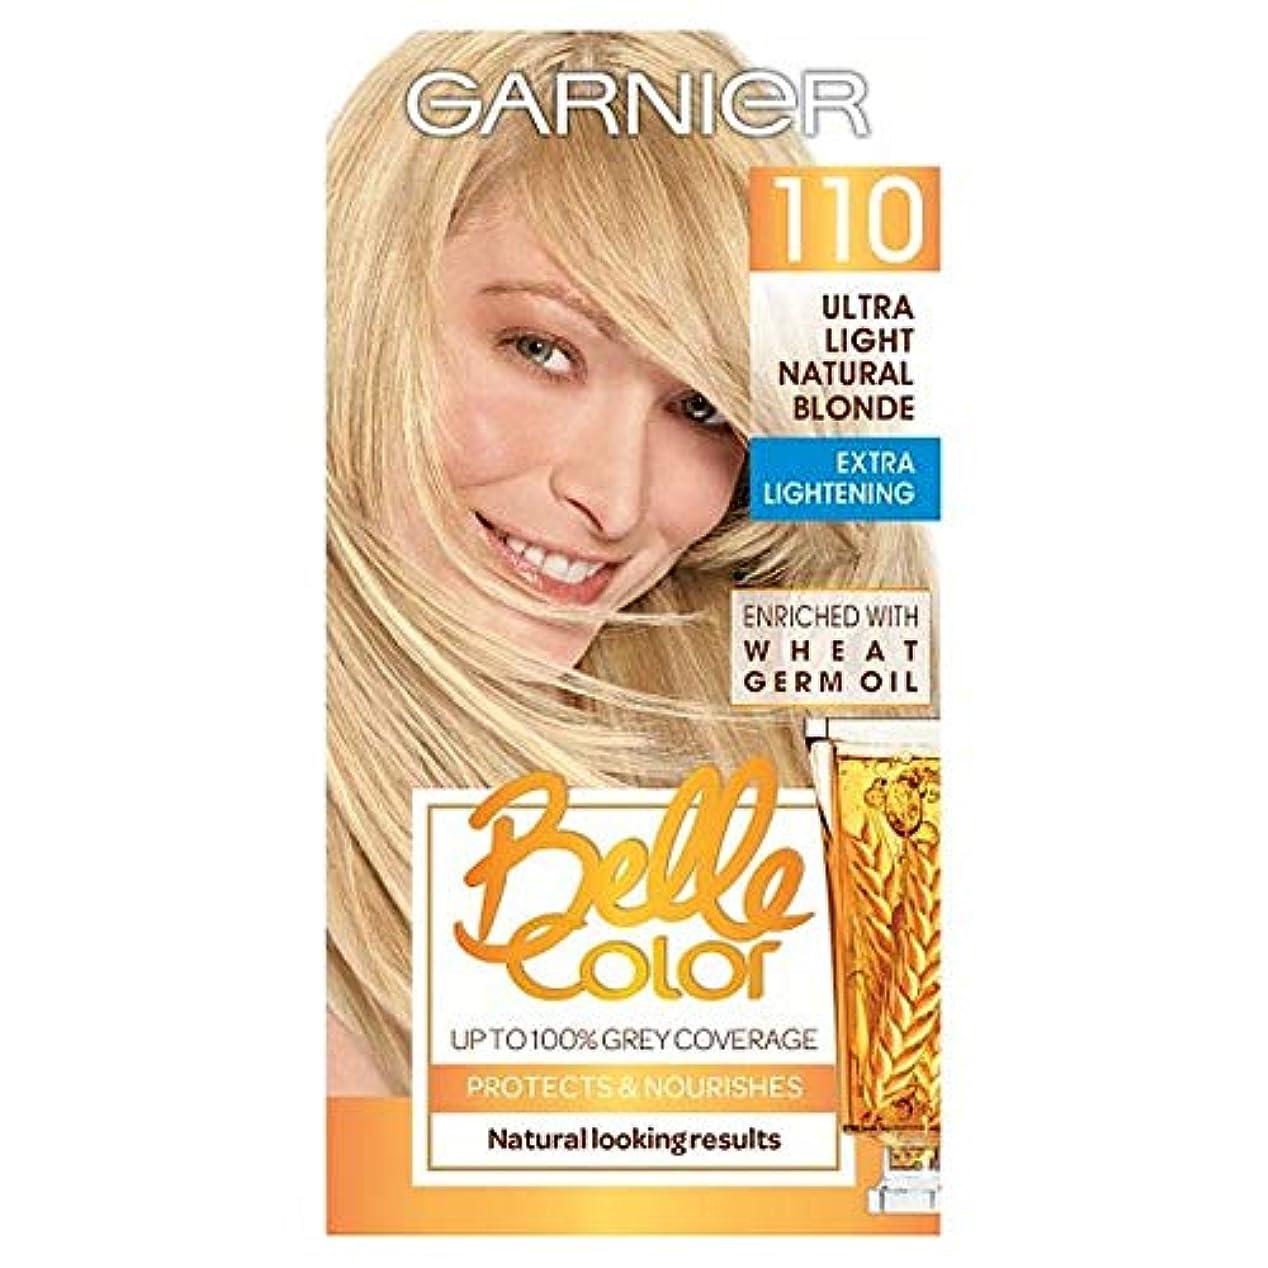 困惑する家禽ラグ[Belle Color ] ガーン/ベル/Clr 110超軽量天然ブロンドパーマネント毛髪染料 - Garn/Bel/Clr 110 Ultra Light Natural Blonde Permanent Hair...